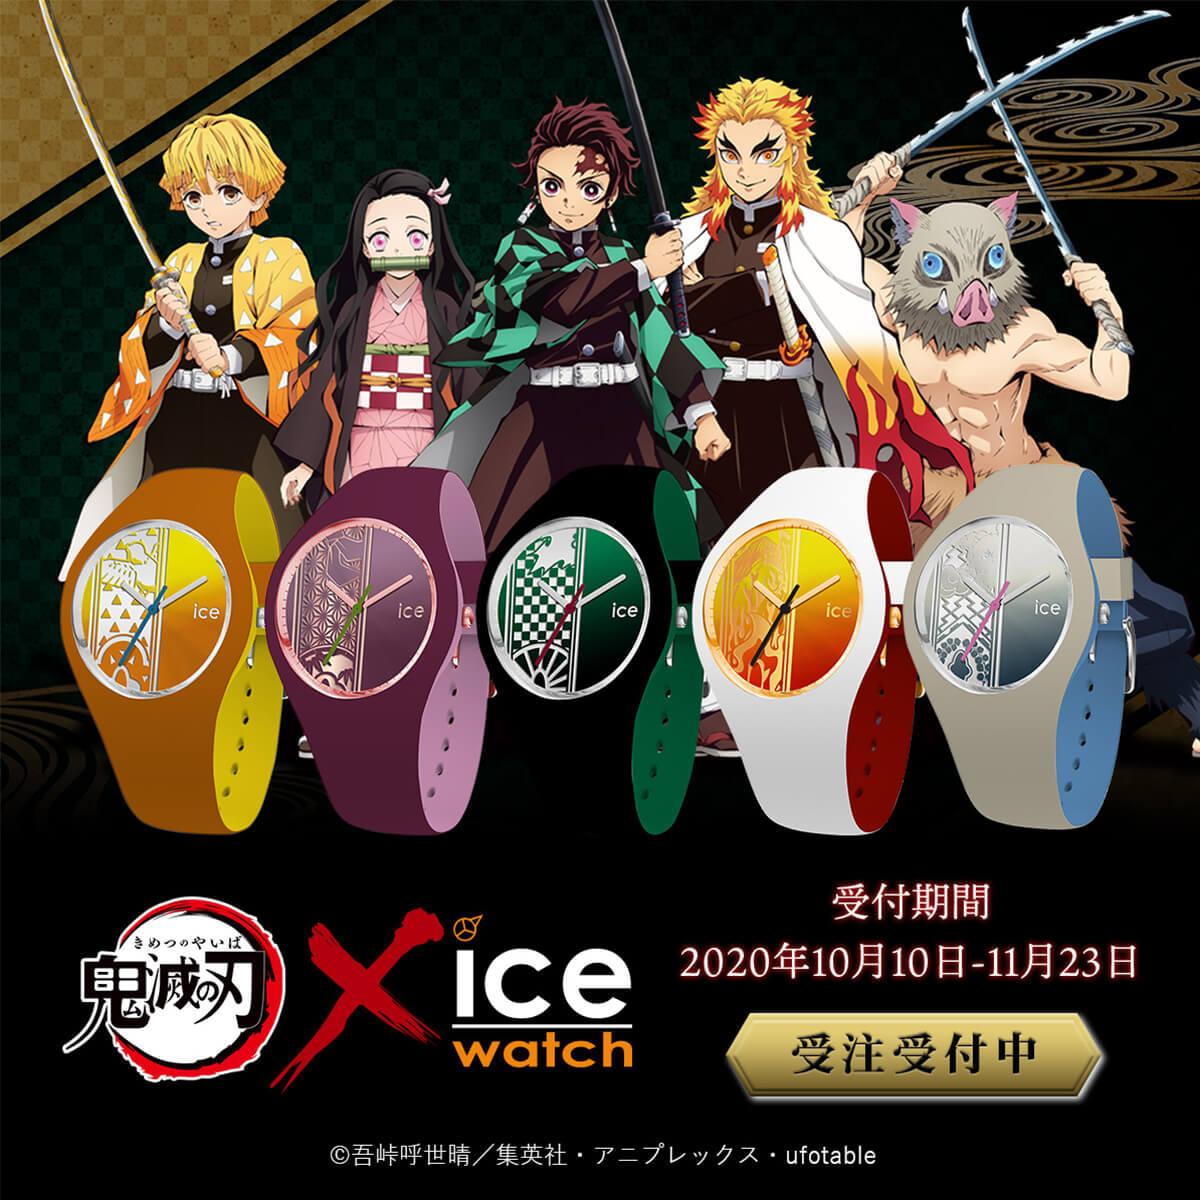 【限定販売】鬼滅の刃 × ICE-WATCH コラボレーションウォッチ『竈門 炭治郎 モデル』腕時計-001